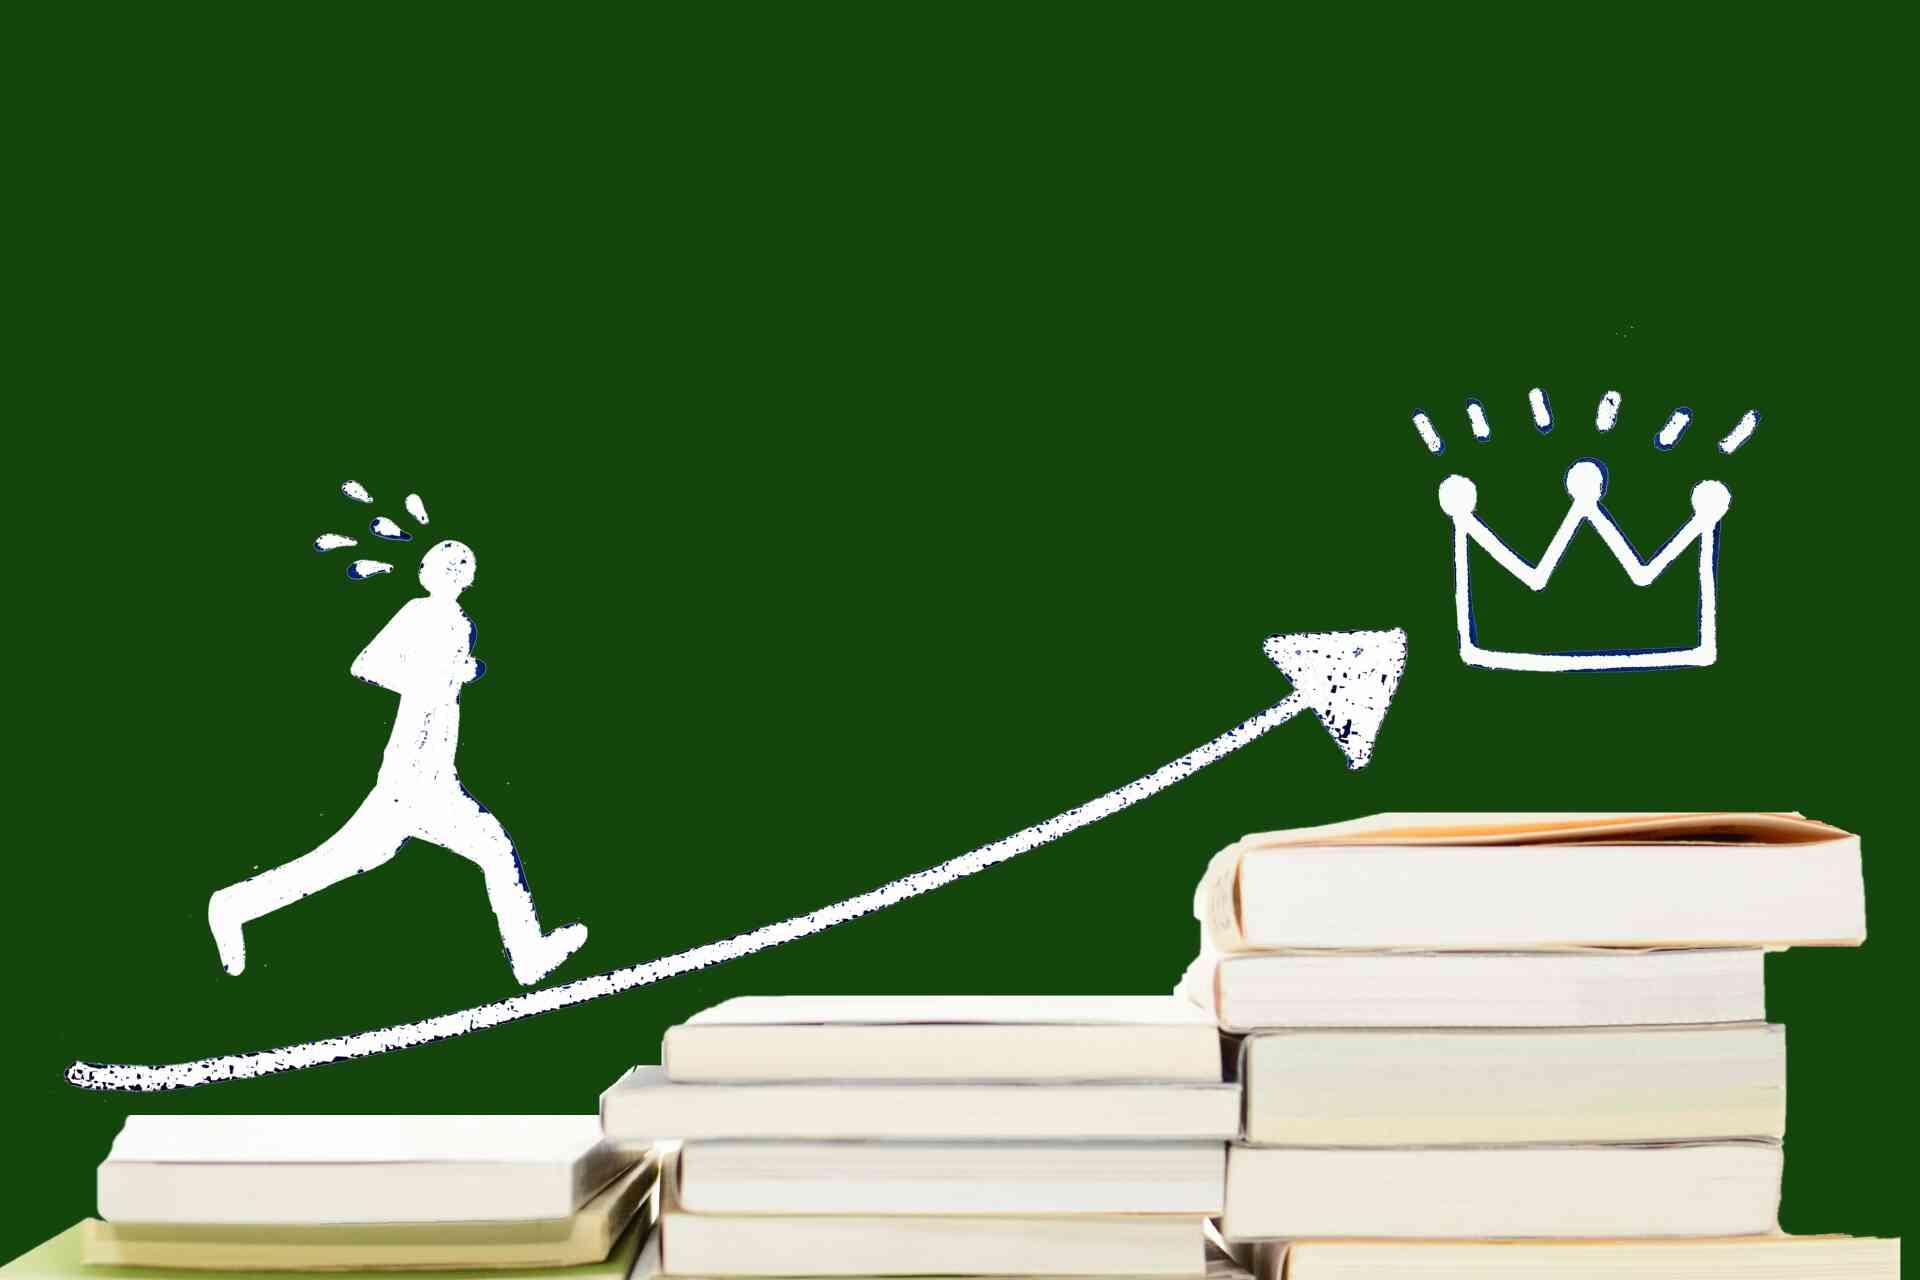 文学部の就職を有利にすすめるためにとっておきたい資格